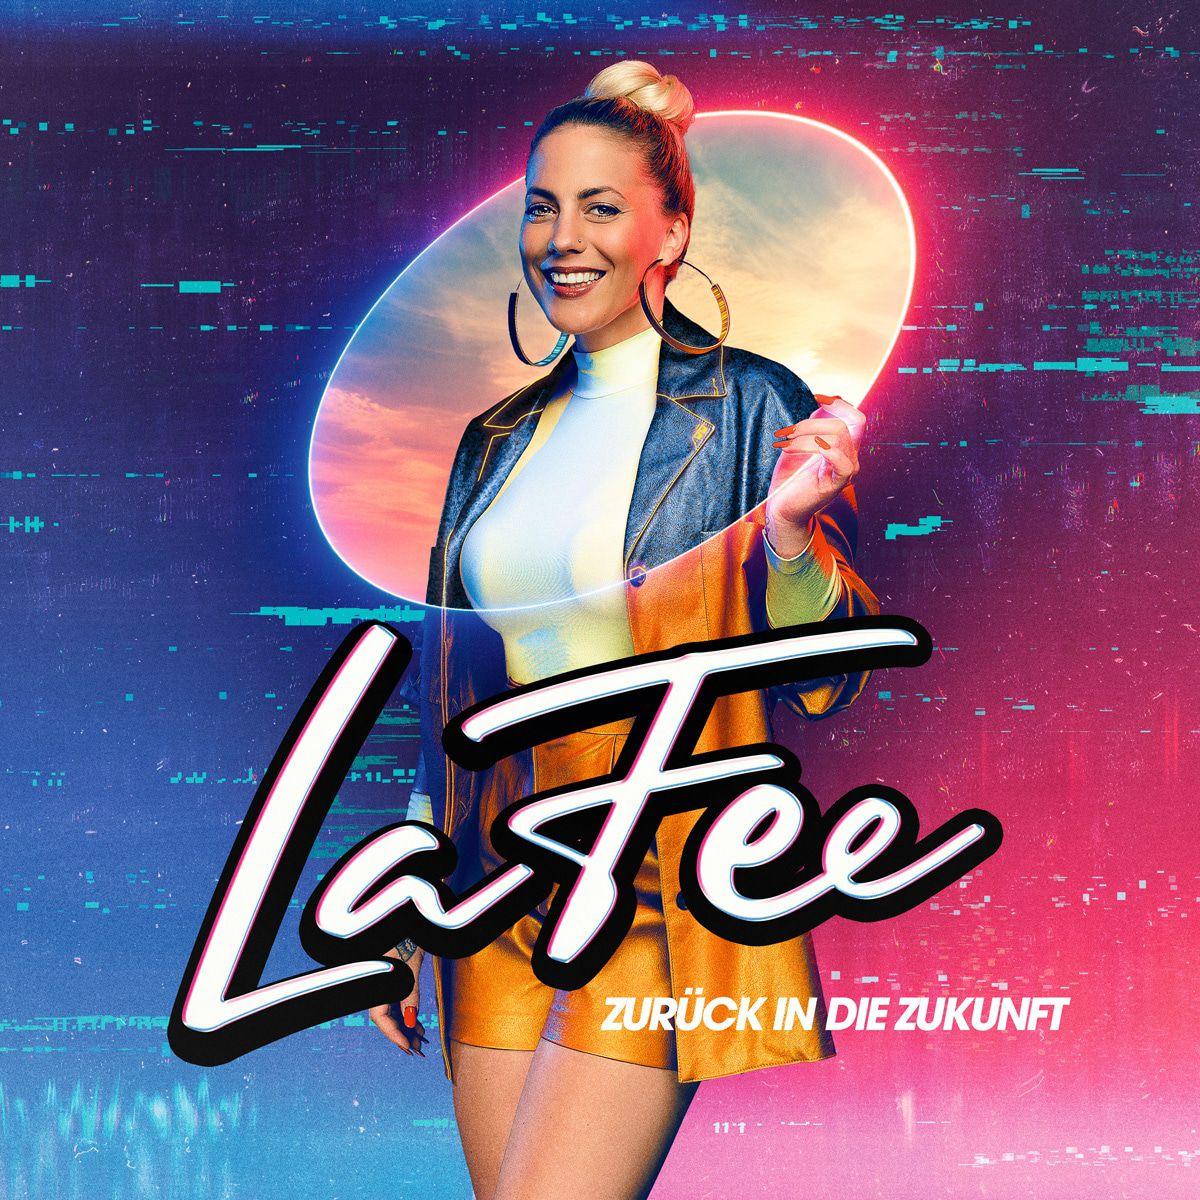 LaFee: Nach einer Pause für Kopf und Seele ist das Comeback-Album da!